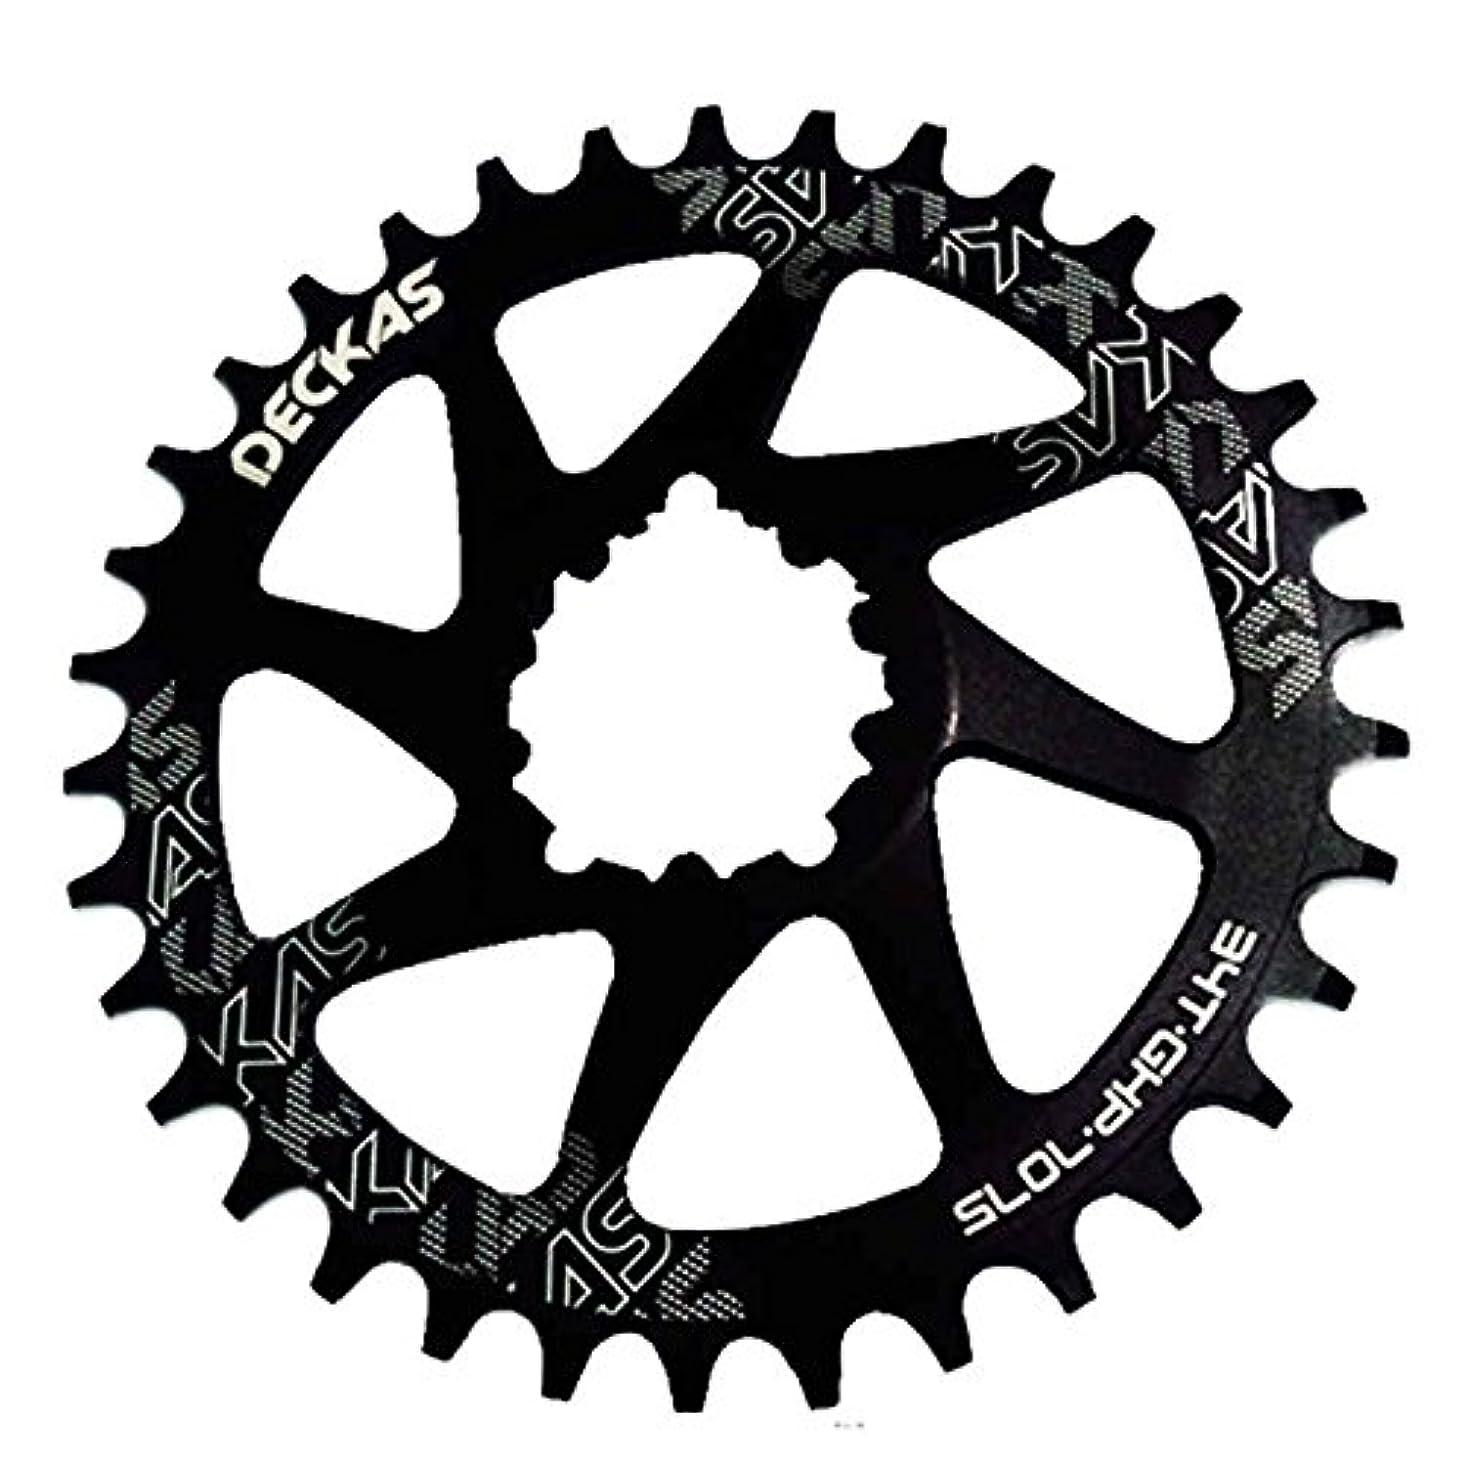 セイはさておきスクラップバッグPropenary - GXP bicycle crankset Al 7075 CNC32T 34T Narrow Wide Chainring Chainwheel for Sram XX1 XO1 X1 GX XO X9 crankset bicycle parts [ 36T Black ]